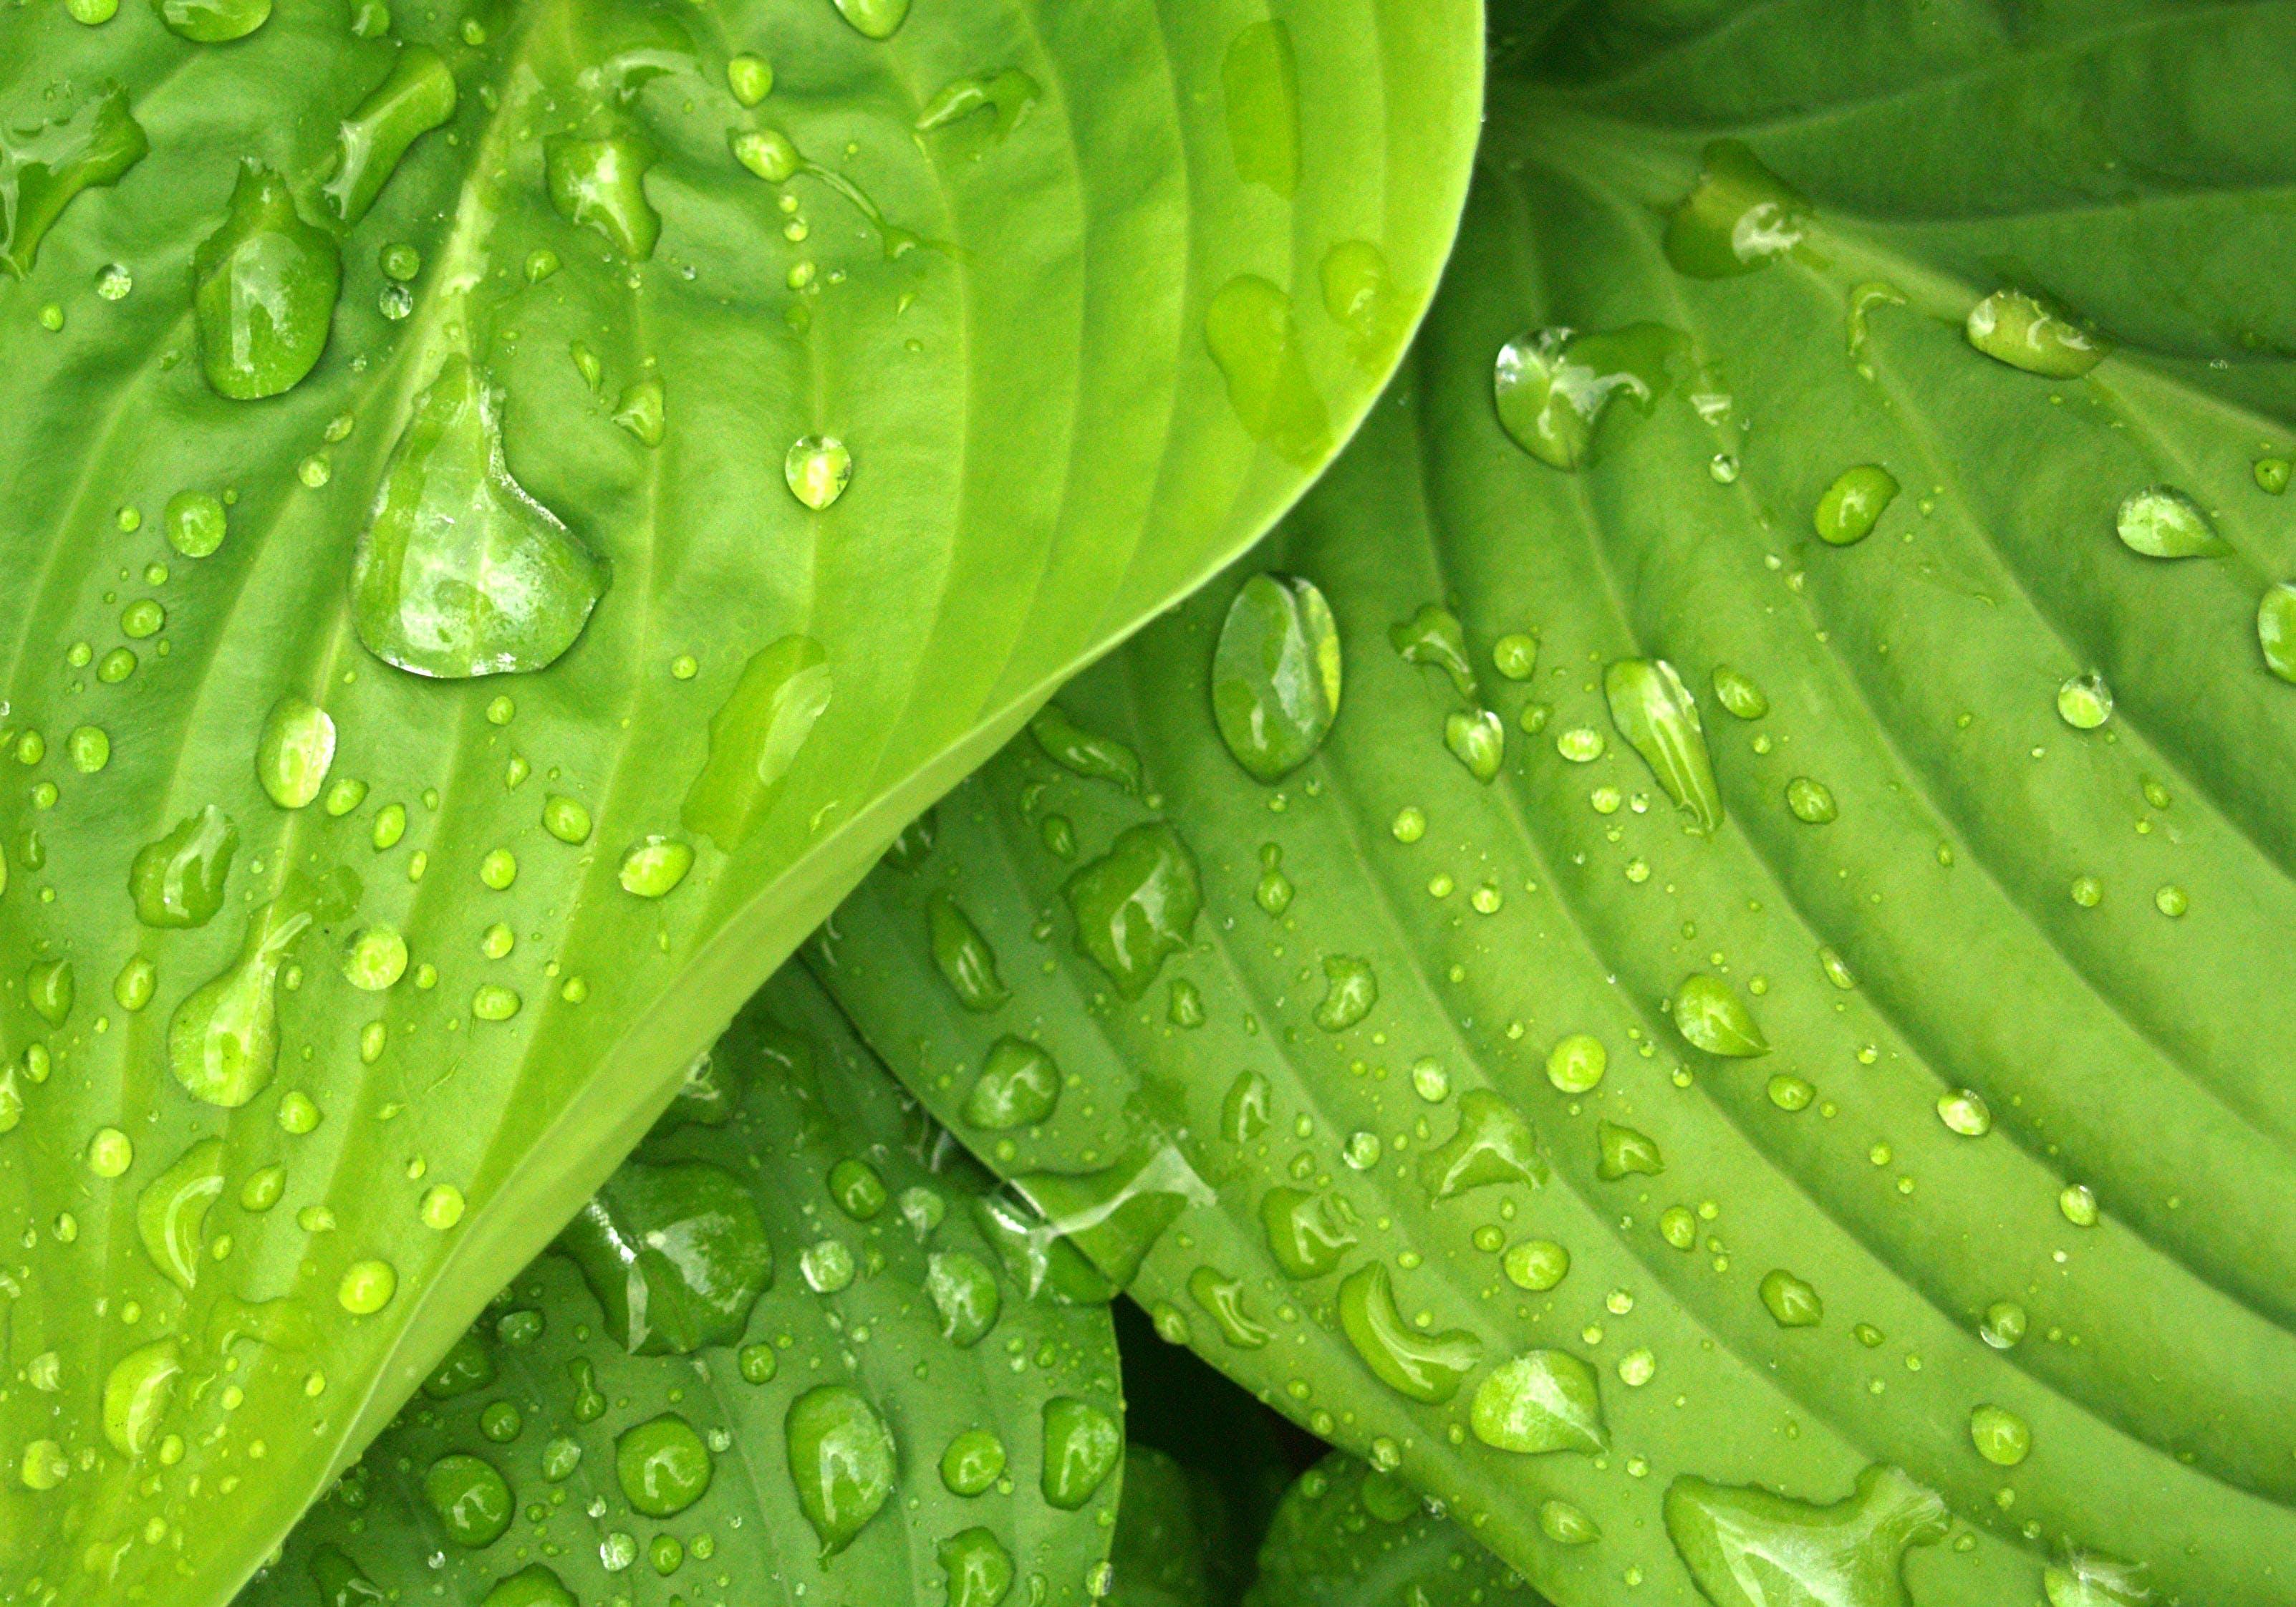 Water Dews on Green Leaves